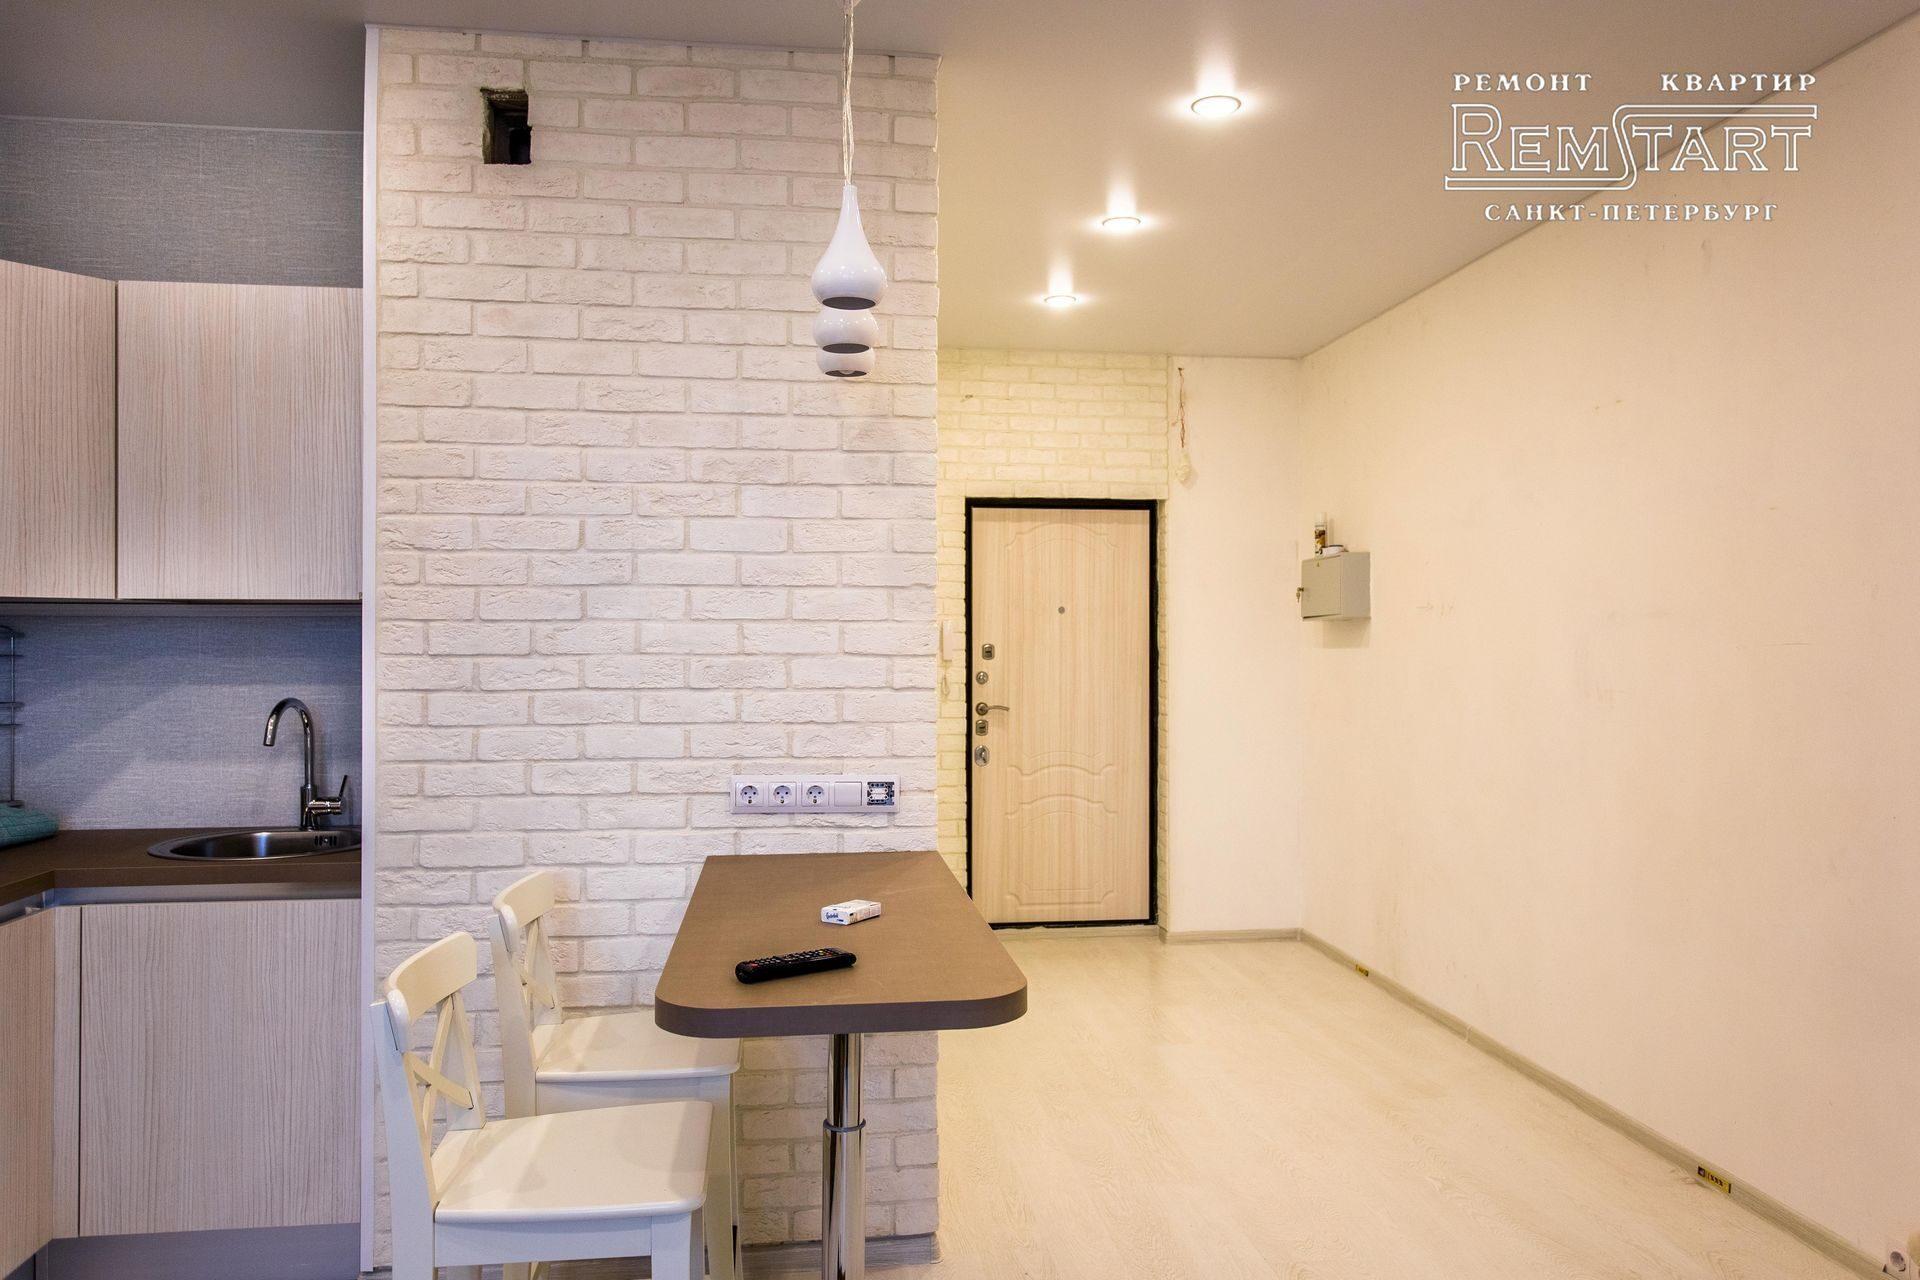 Ремонт квартиры в новостройке с материалами дешево